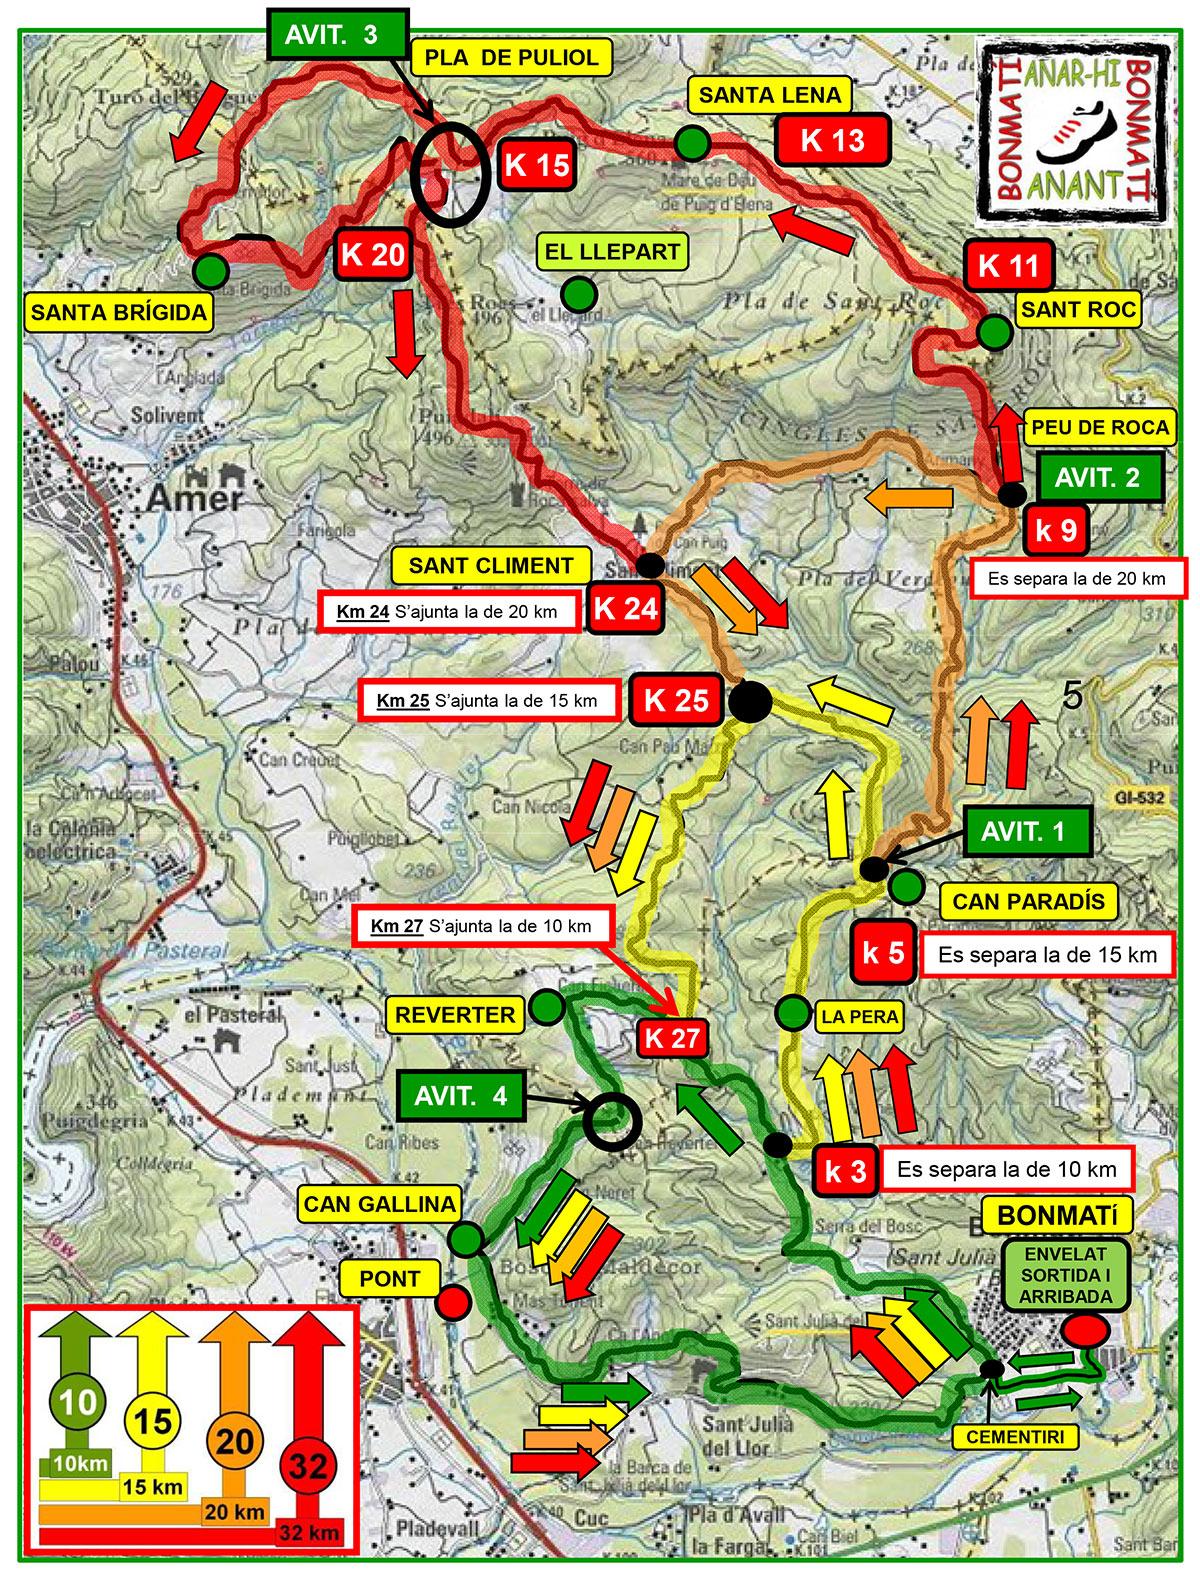 Mapa 2017 Anar-hi Anant